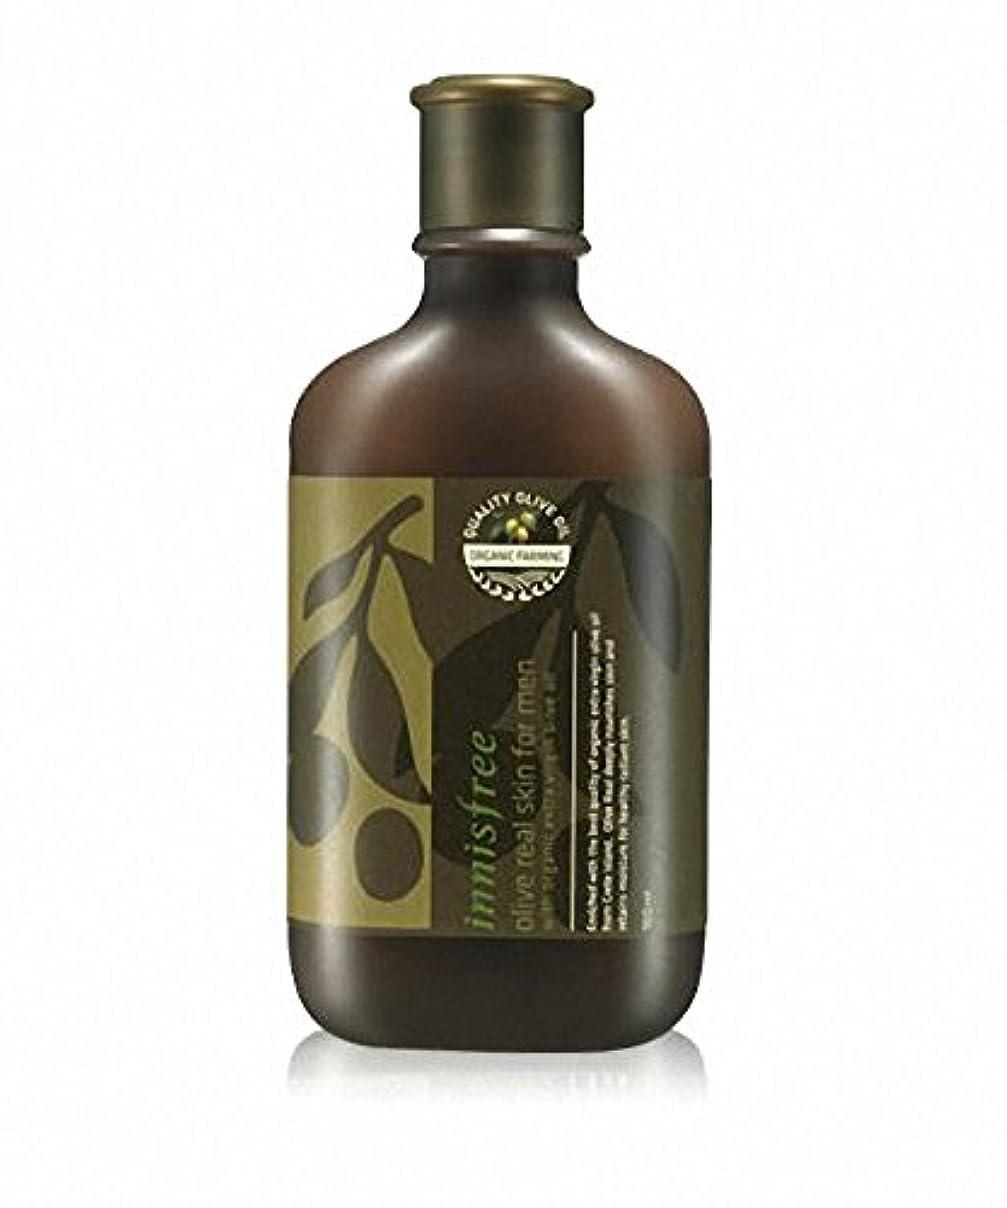 推定する郵便番号保険をかける[イニスフリー] Innisfree オリーブリアルスキンフォアマン(150ml) Innisfree Olive Real Skin For Men(150ml)  [海外直送品]